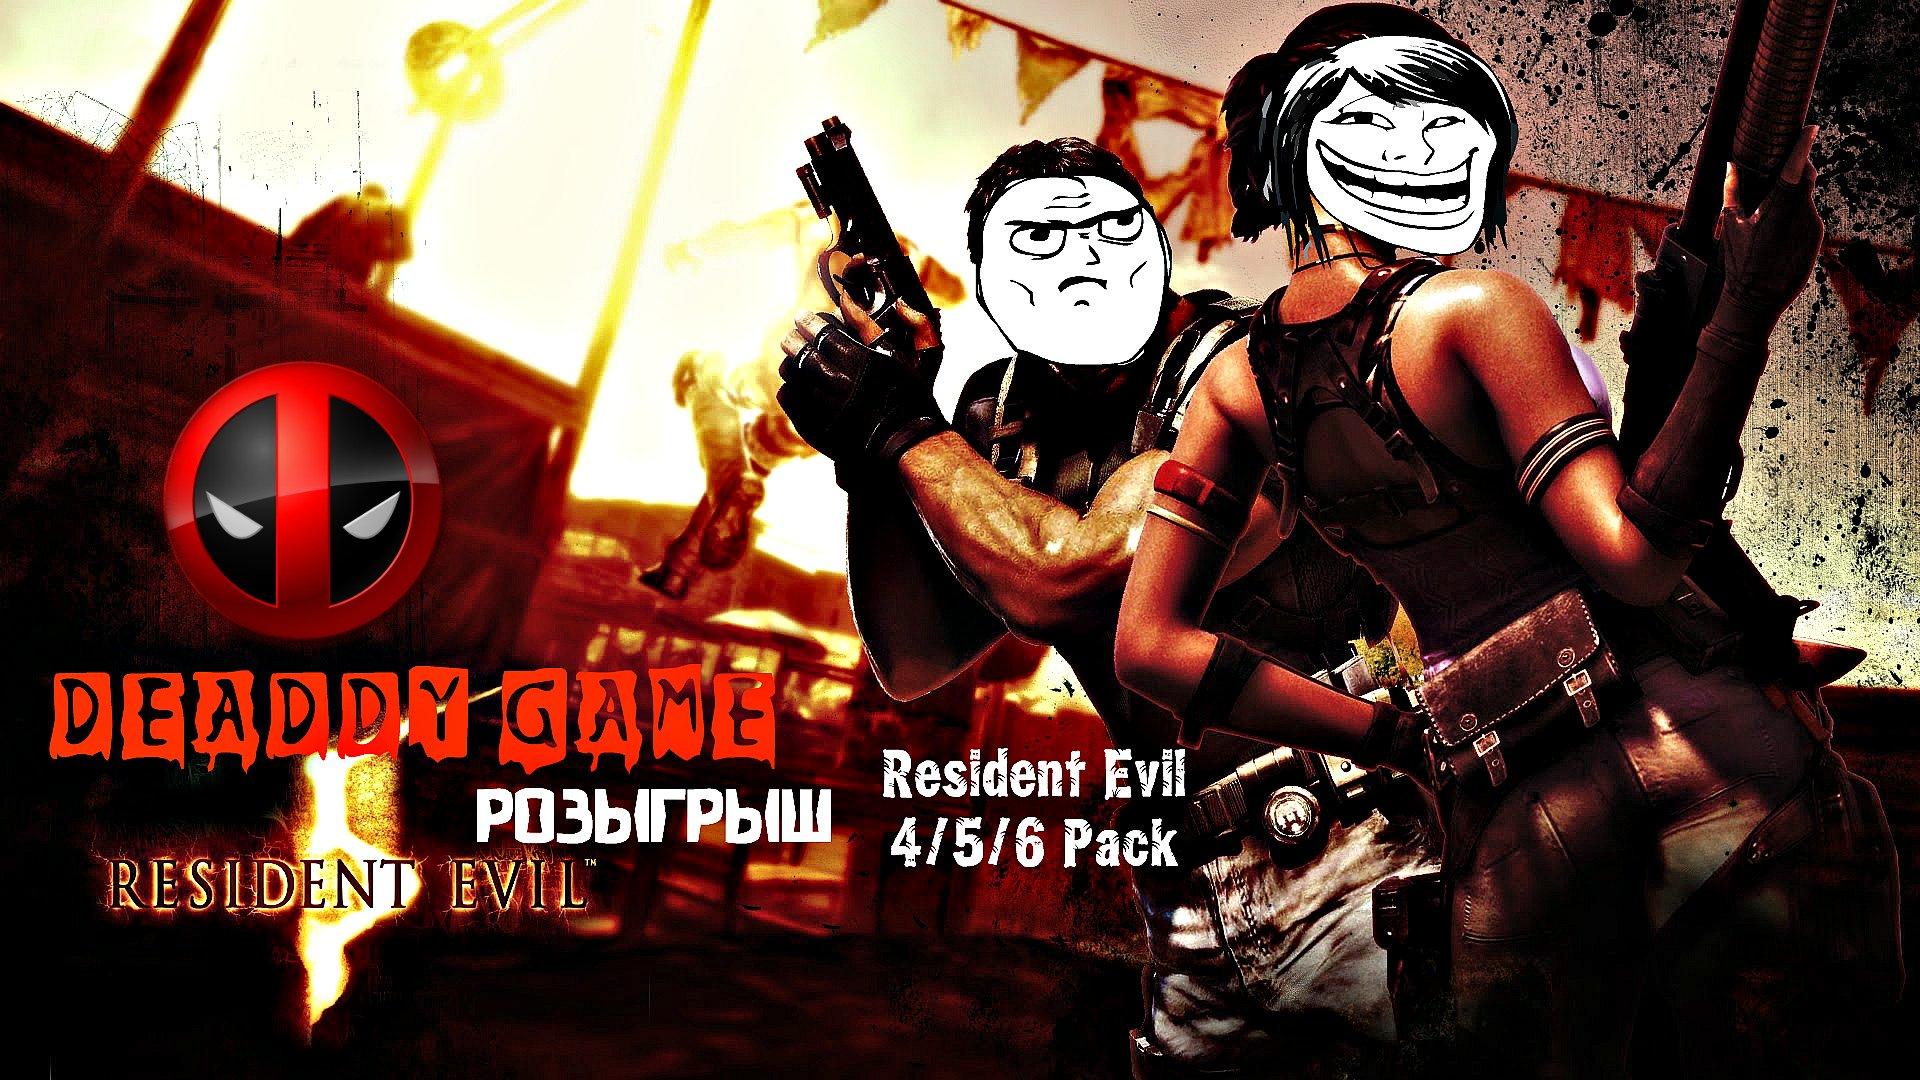 DEADDY GAME - Resident Evil 5 \ Розыгрыш Resident Evil 4/5/6 . - Изображение 1